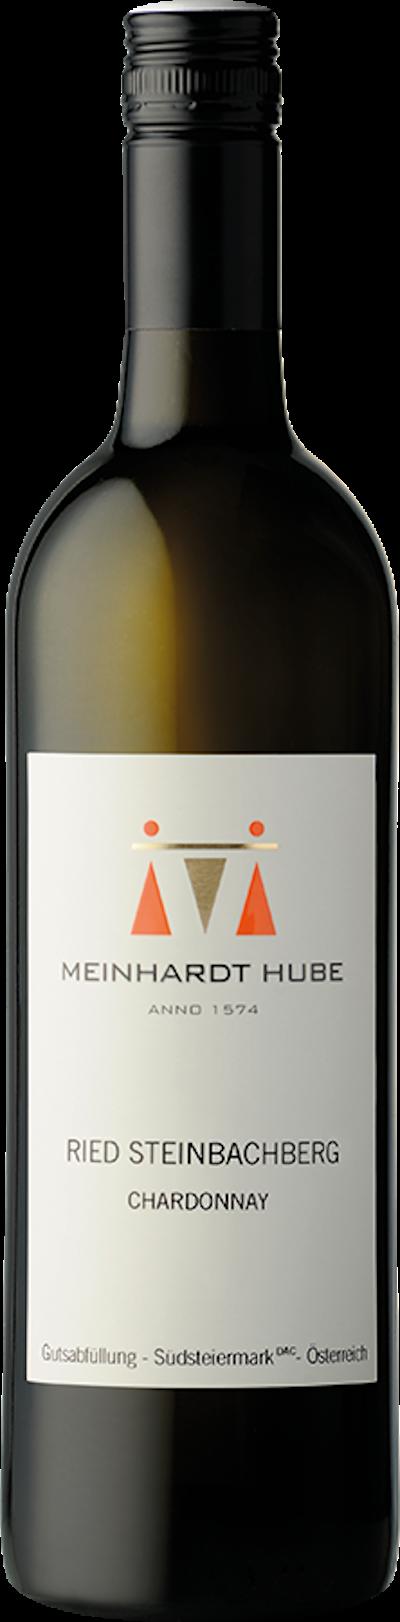 Meinhardt Hube - Chardonnay Steinbachberg